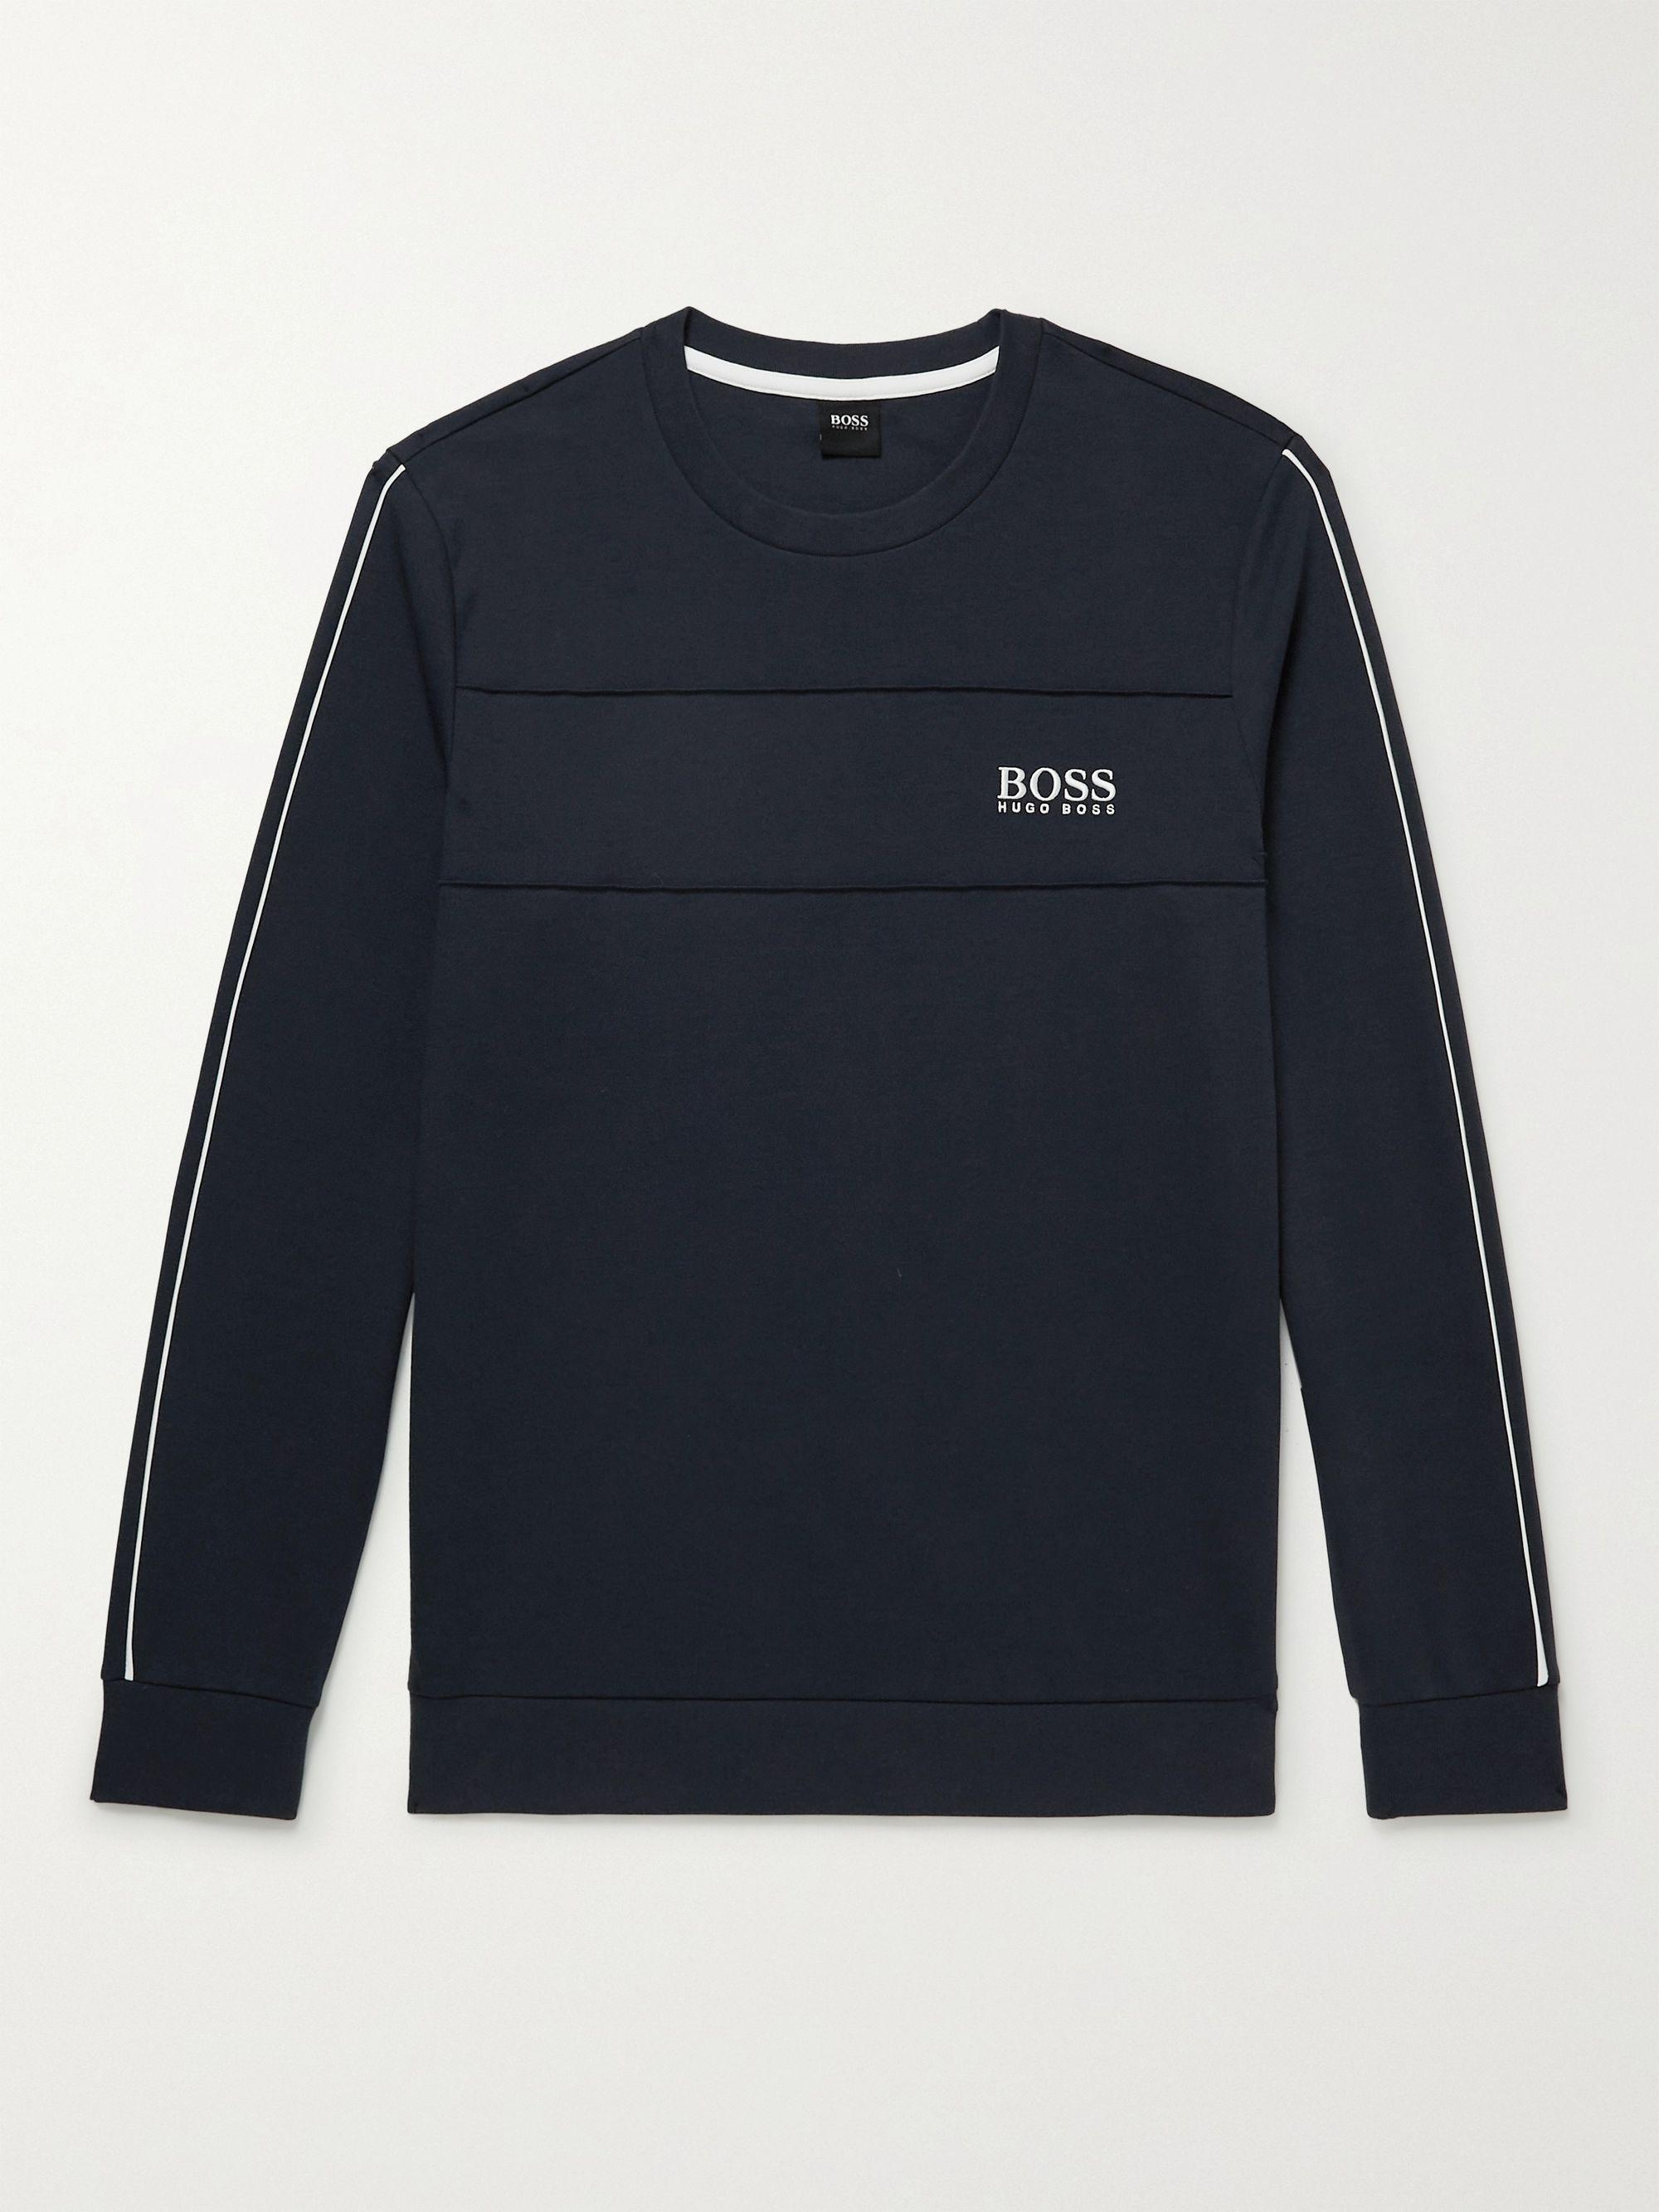 HUGO BOSS Logo-Embroidered Tech Cotton-Blend Jersey Sweatshirt